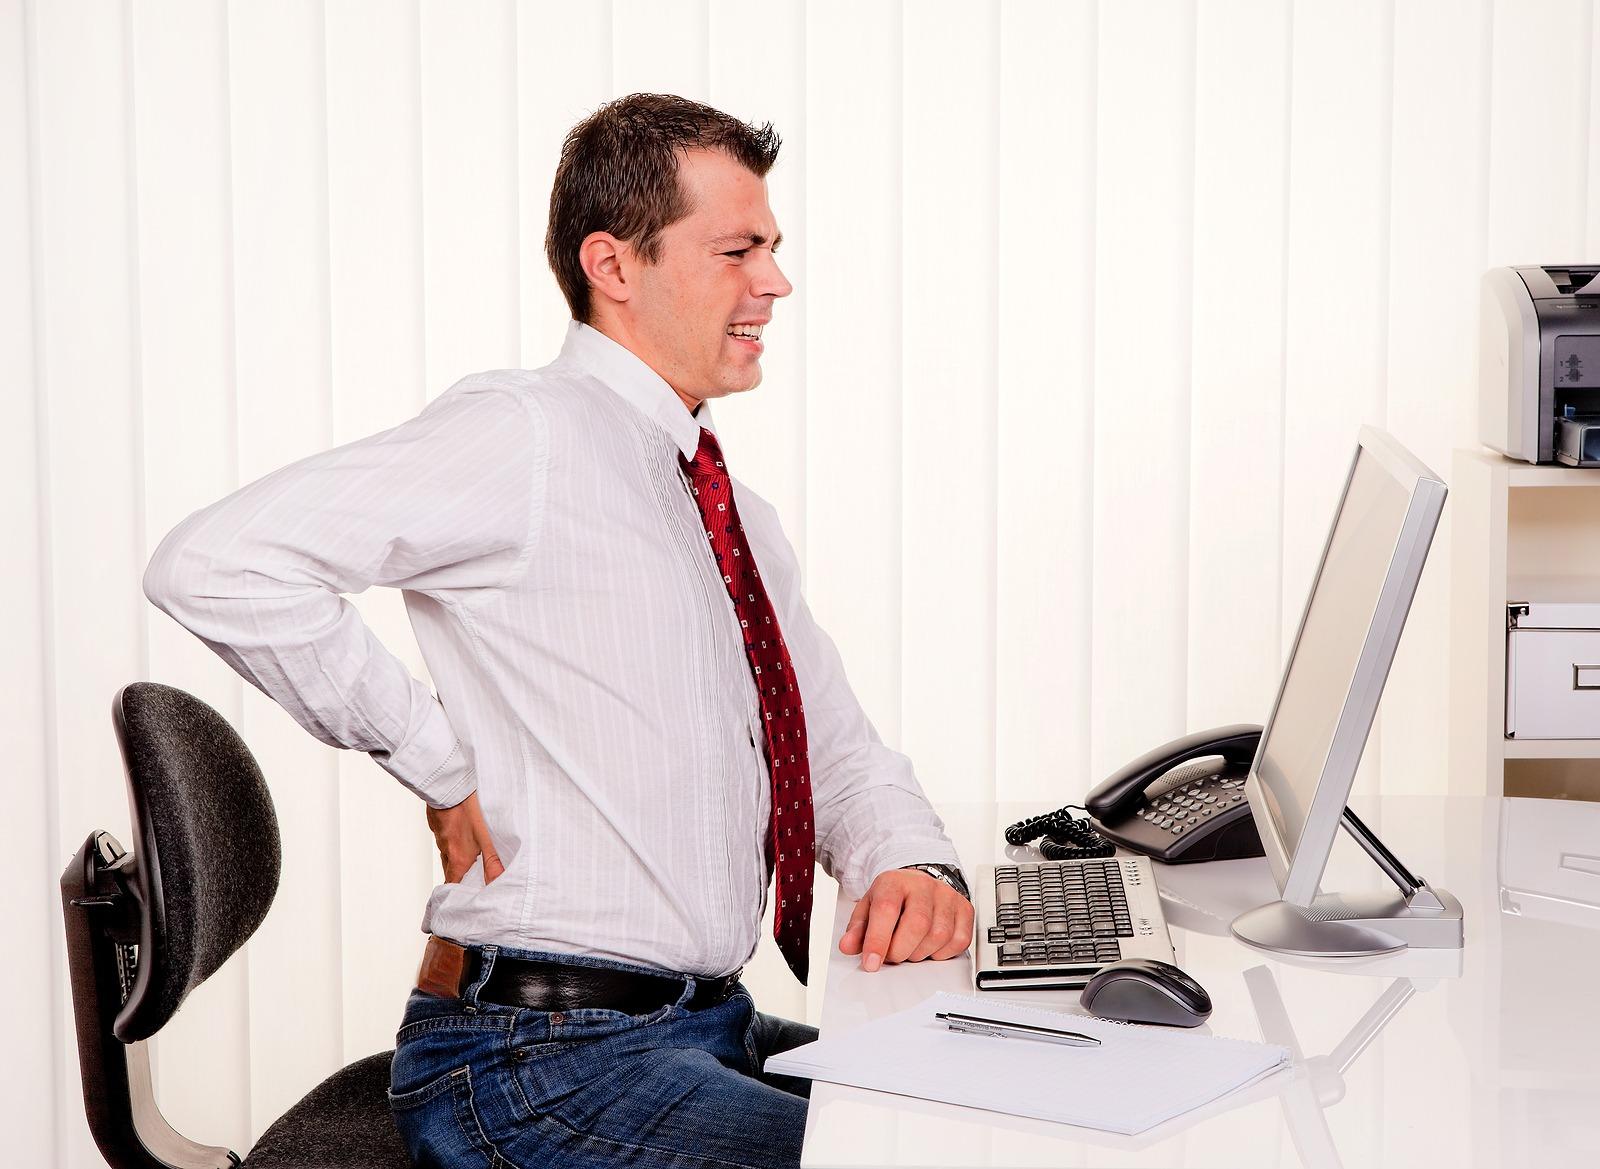 طريقة الجلوس الآمن أمام الكمبيوتر